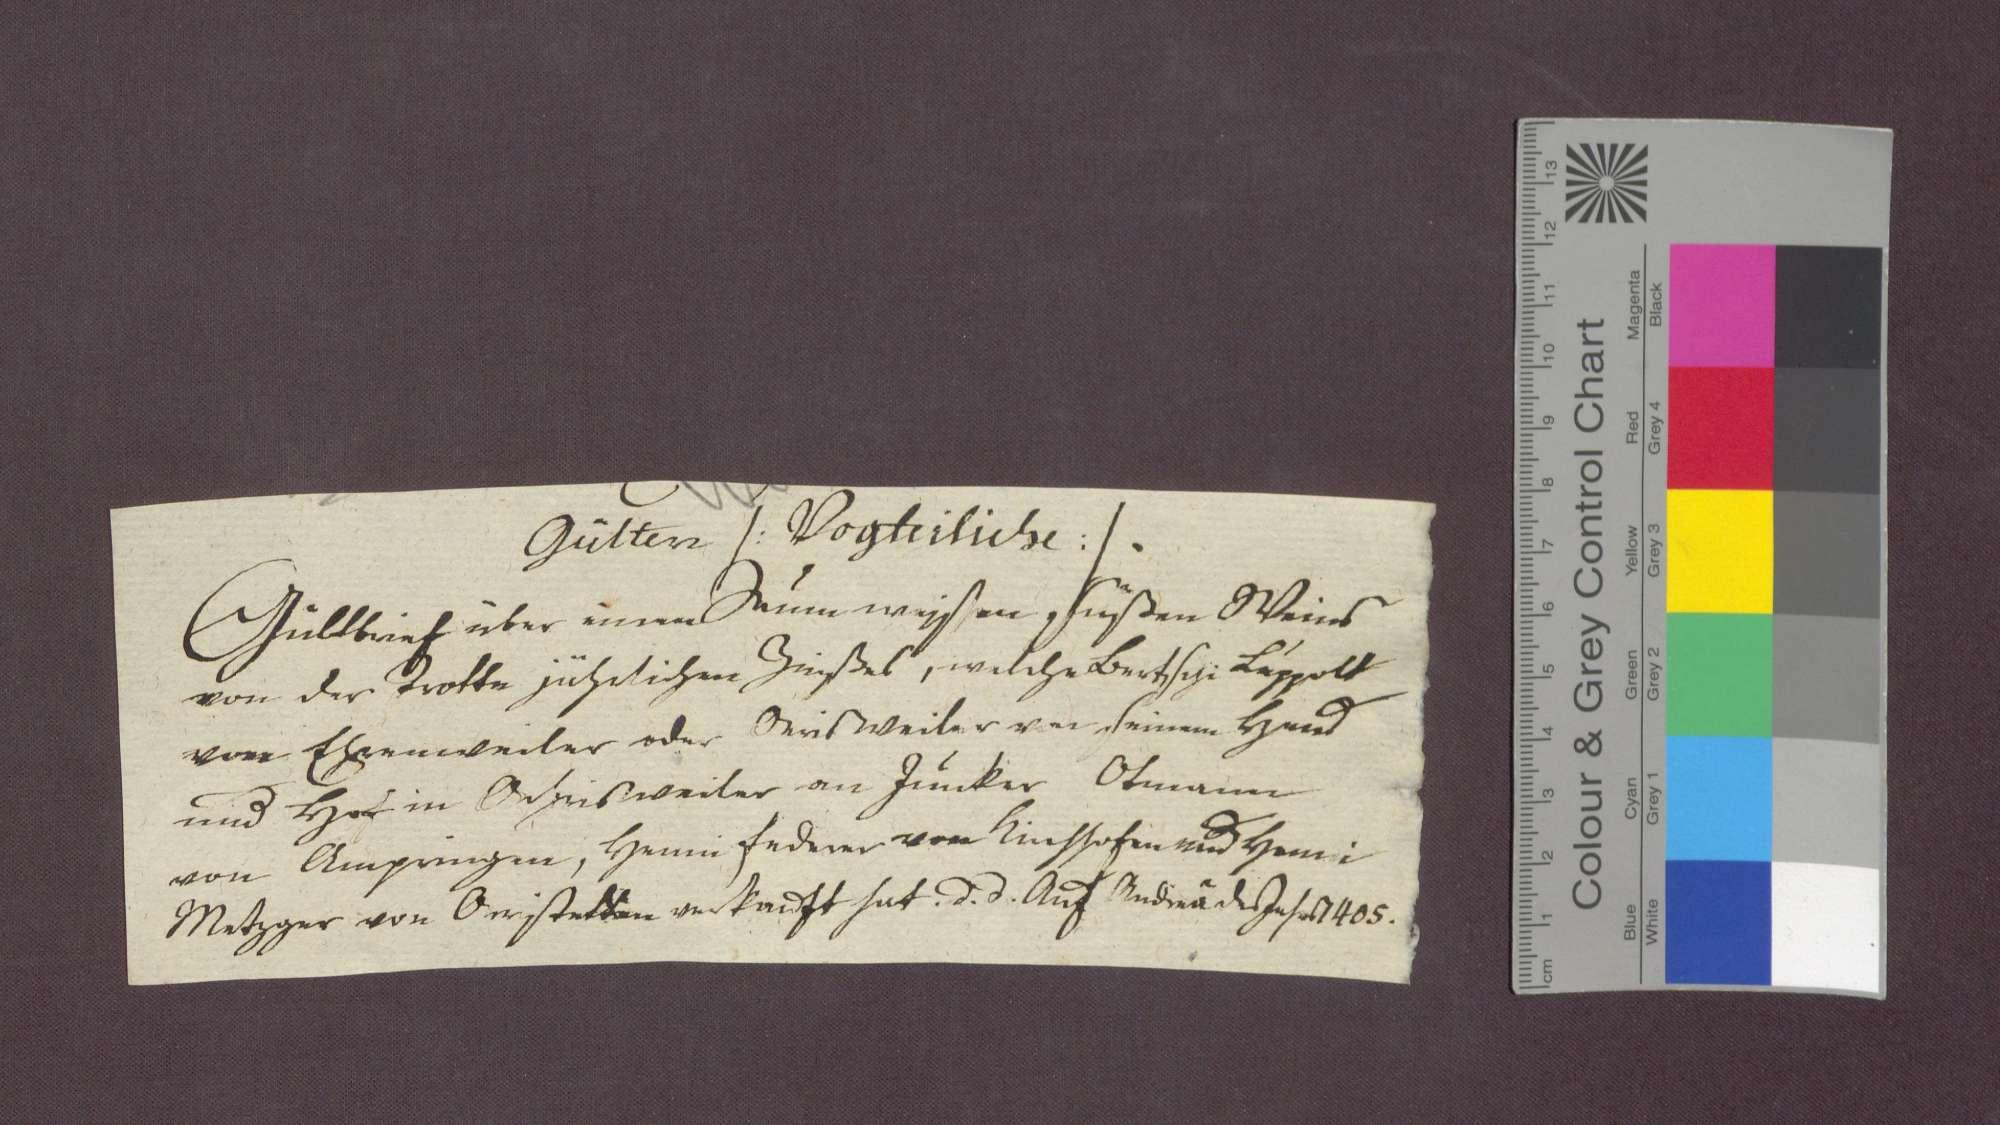 Gültverschreibung des Bertschi Luppolt von Öhlinsweiler gegenüber der Frühmesse in Kirchhofen., Bild 1